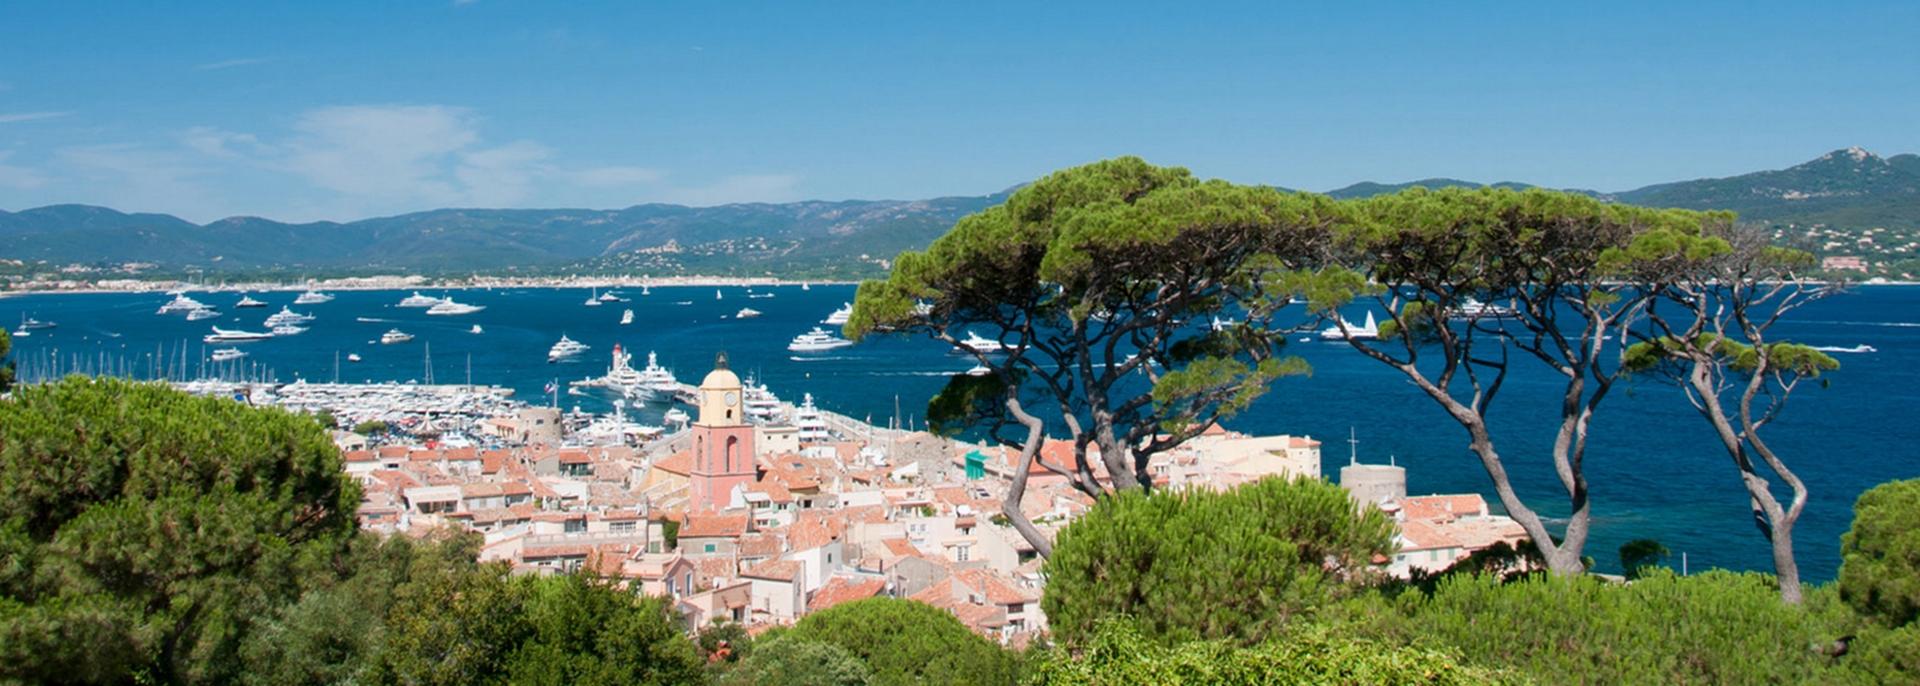 Agences immobili res location h bergement vacances s jour azur prestige immobilier for Prestige immobilier location